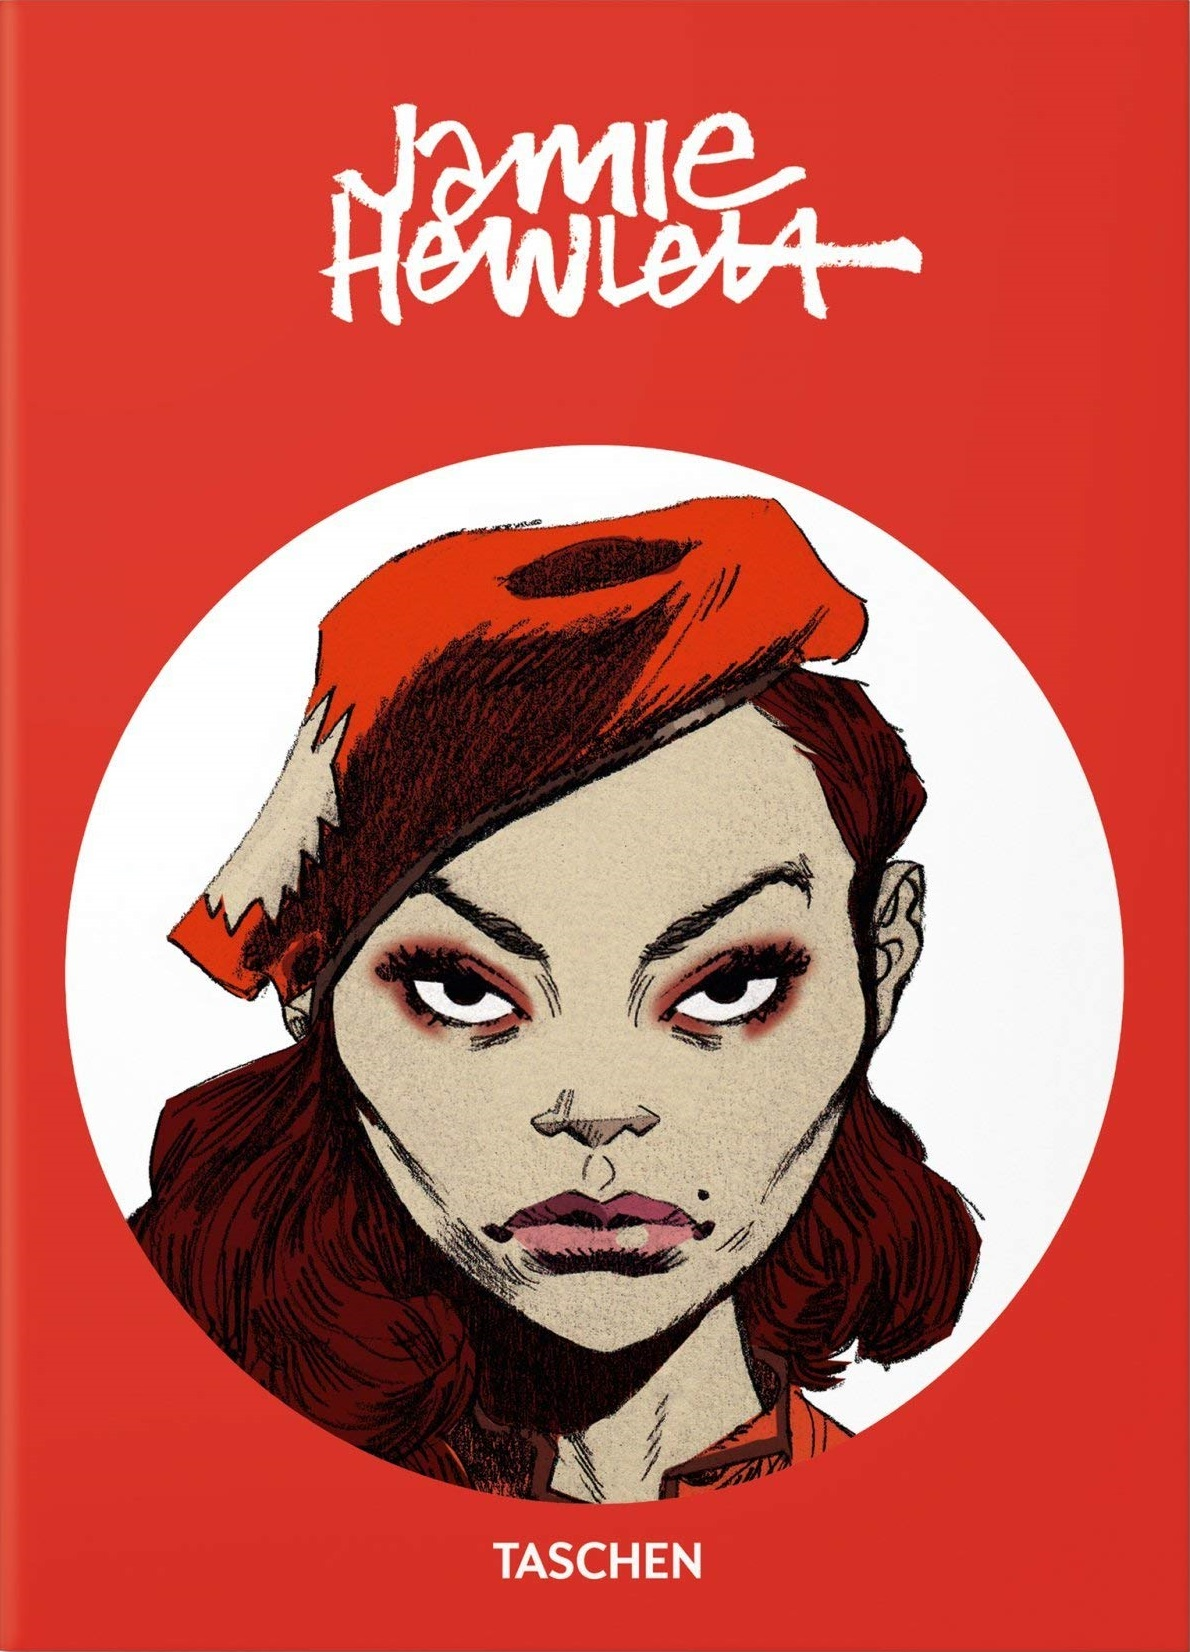 Jamie Hewlett - 40 Years